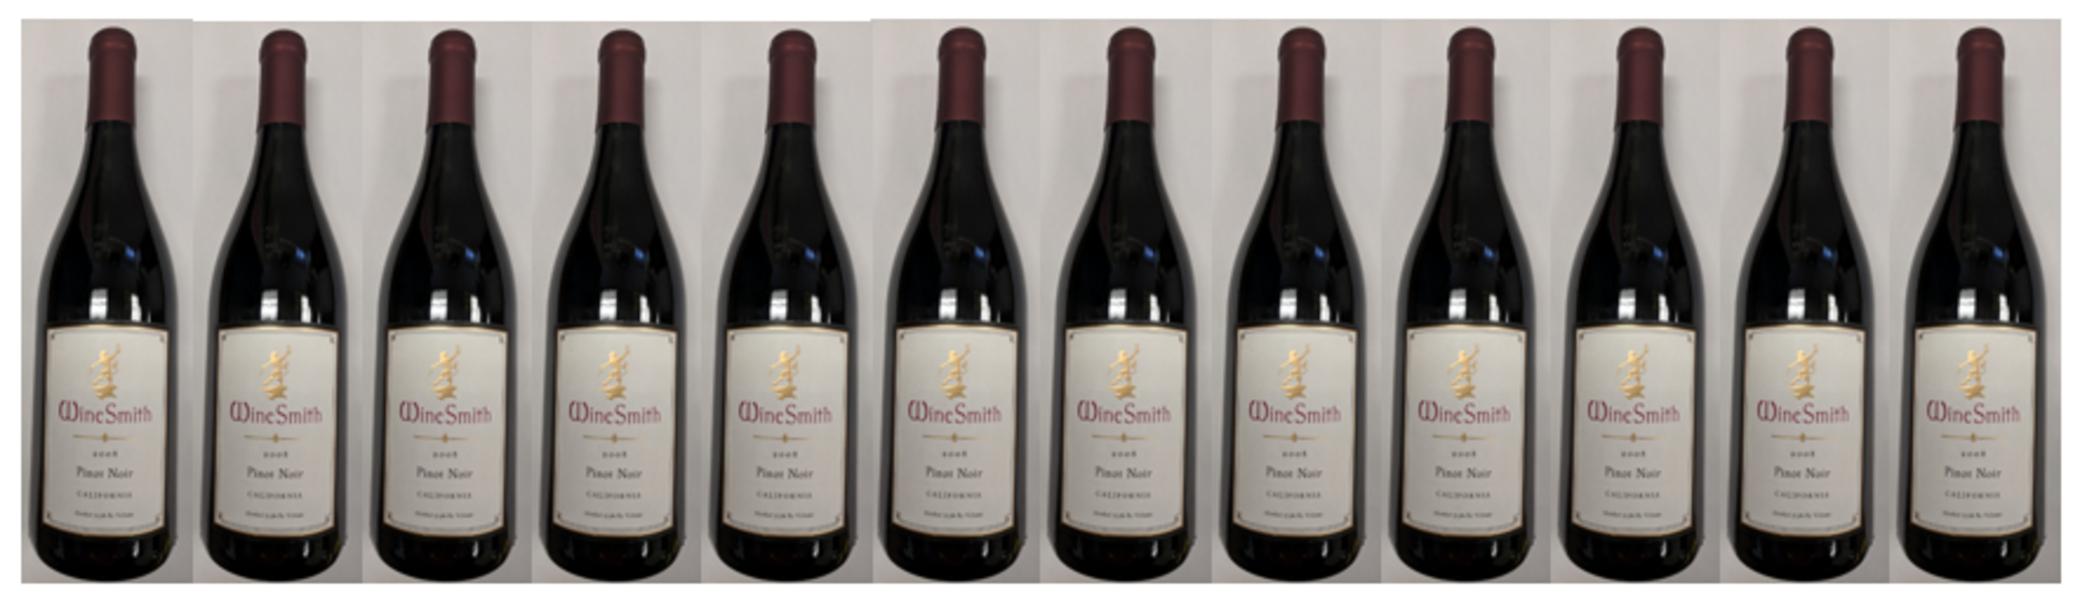 2008 Pinot Noir 12 Pack